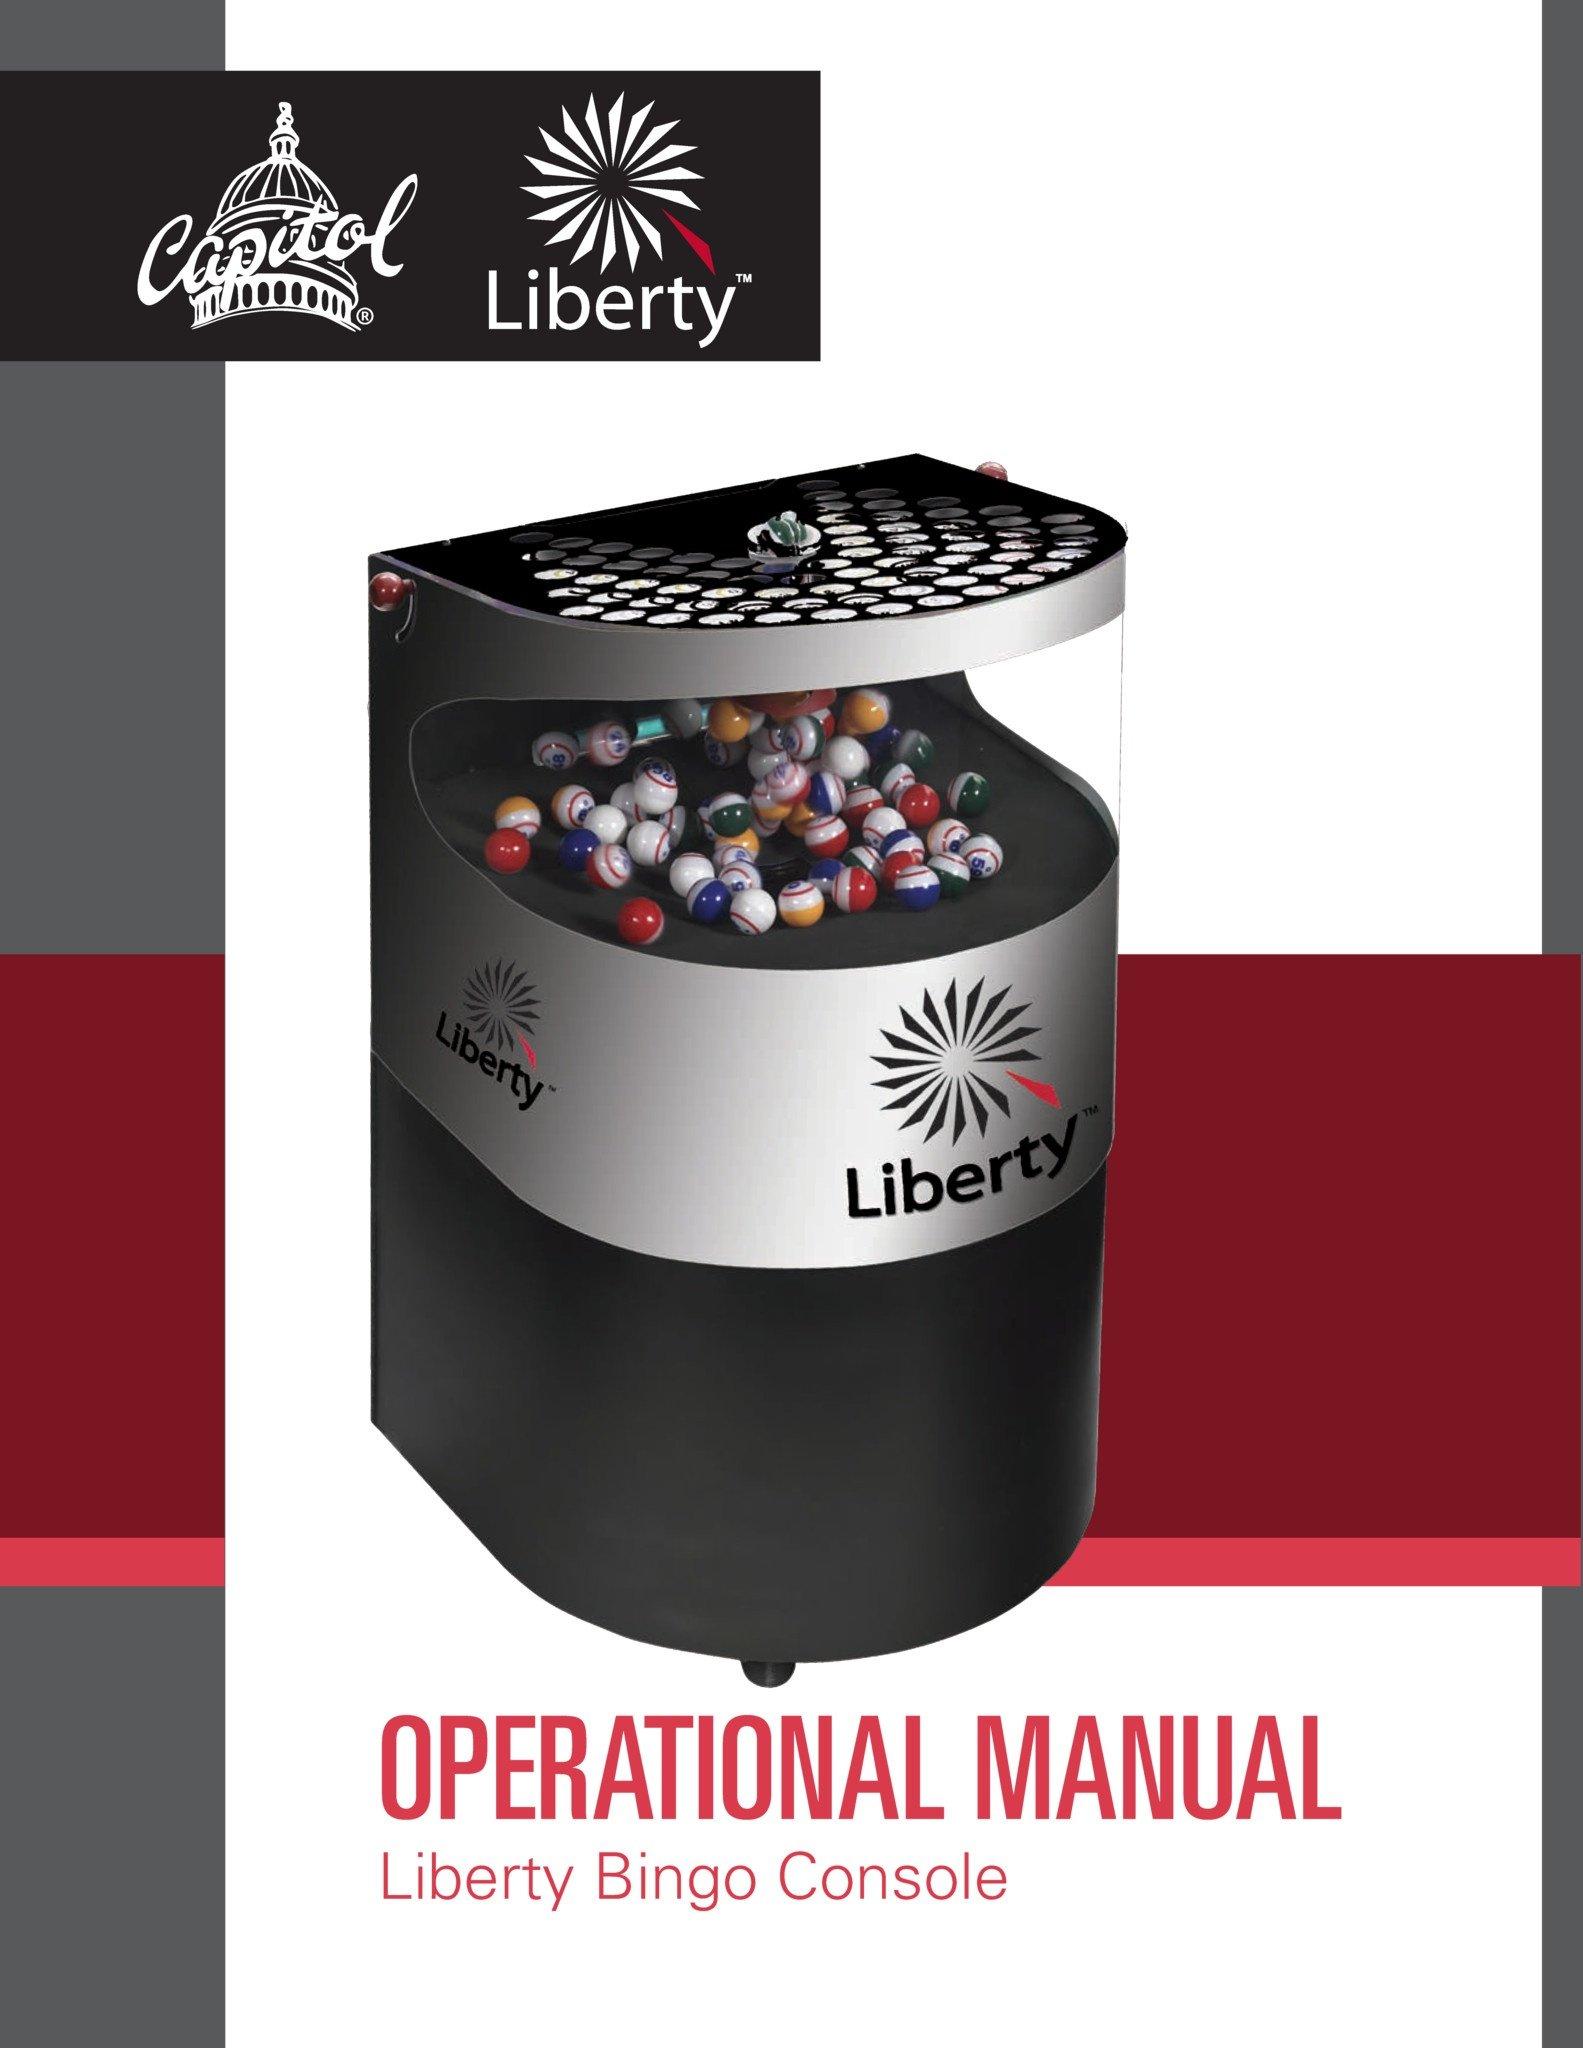 Liberty Manual Equipment Manuals